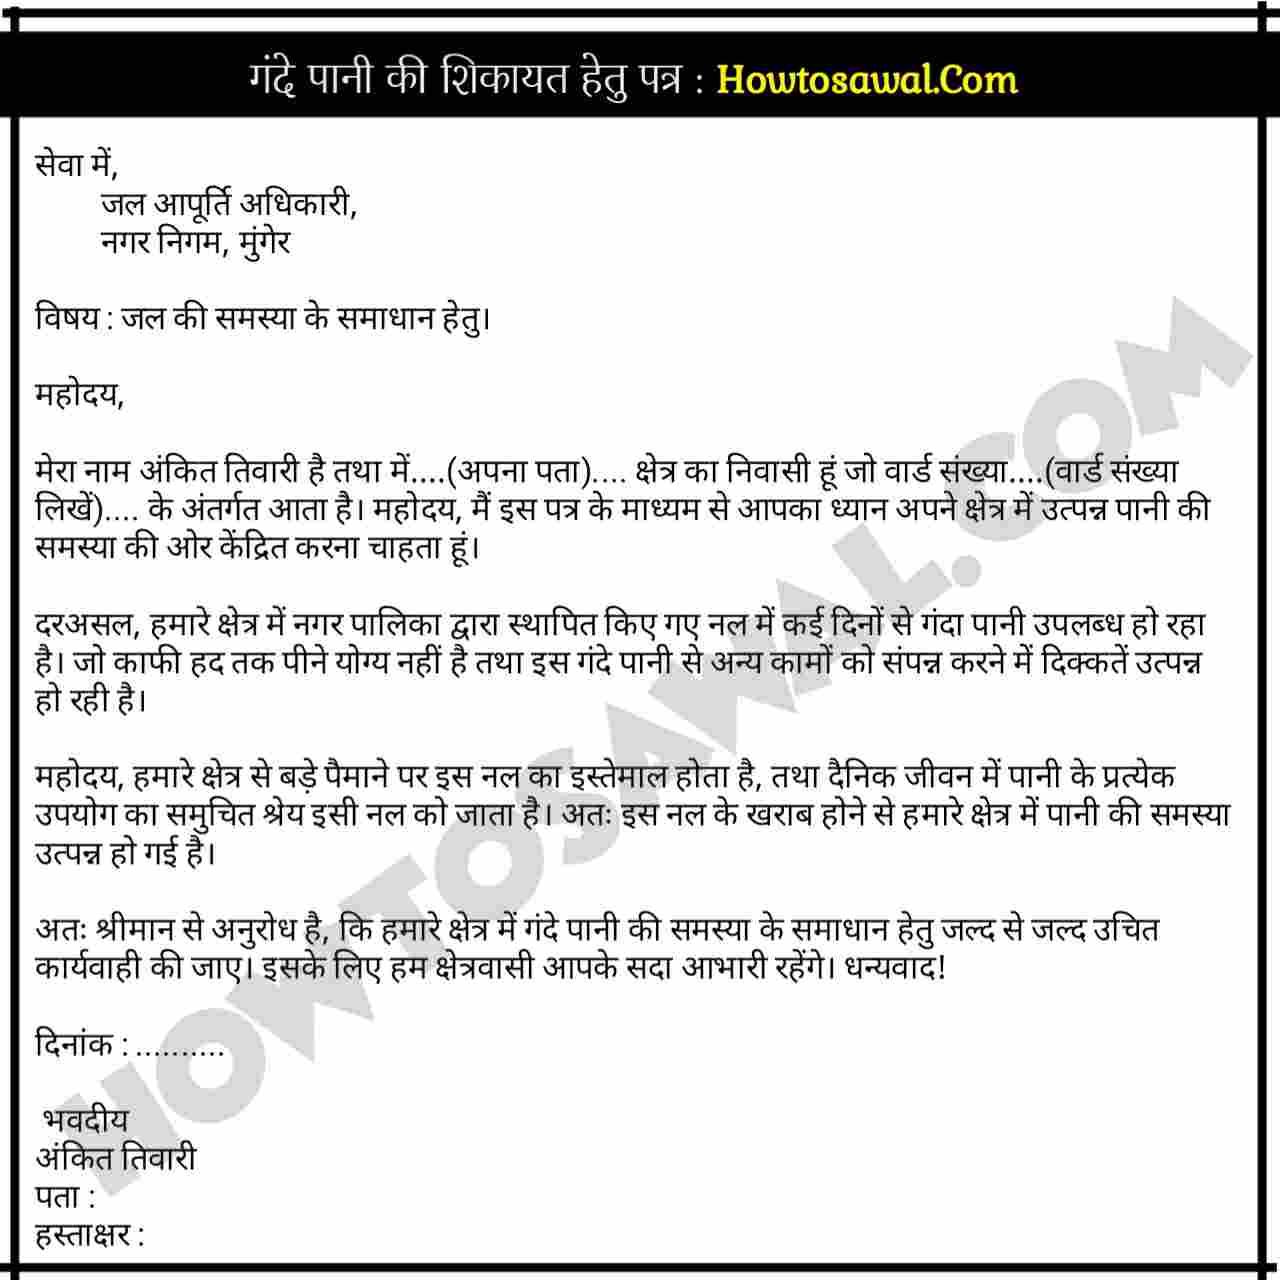 """Gande Paani Ke Liye Complaint Letter In Hindi : """"गंदे पानी की शिकायत हेतु पत्र लिखें"""", """"नगरपालिका को पत्र लिखे"""""""